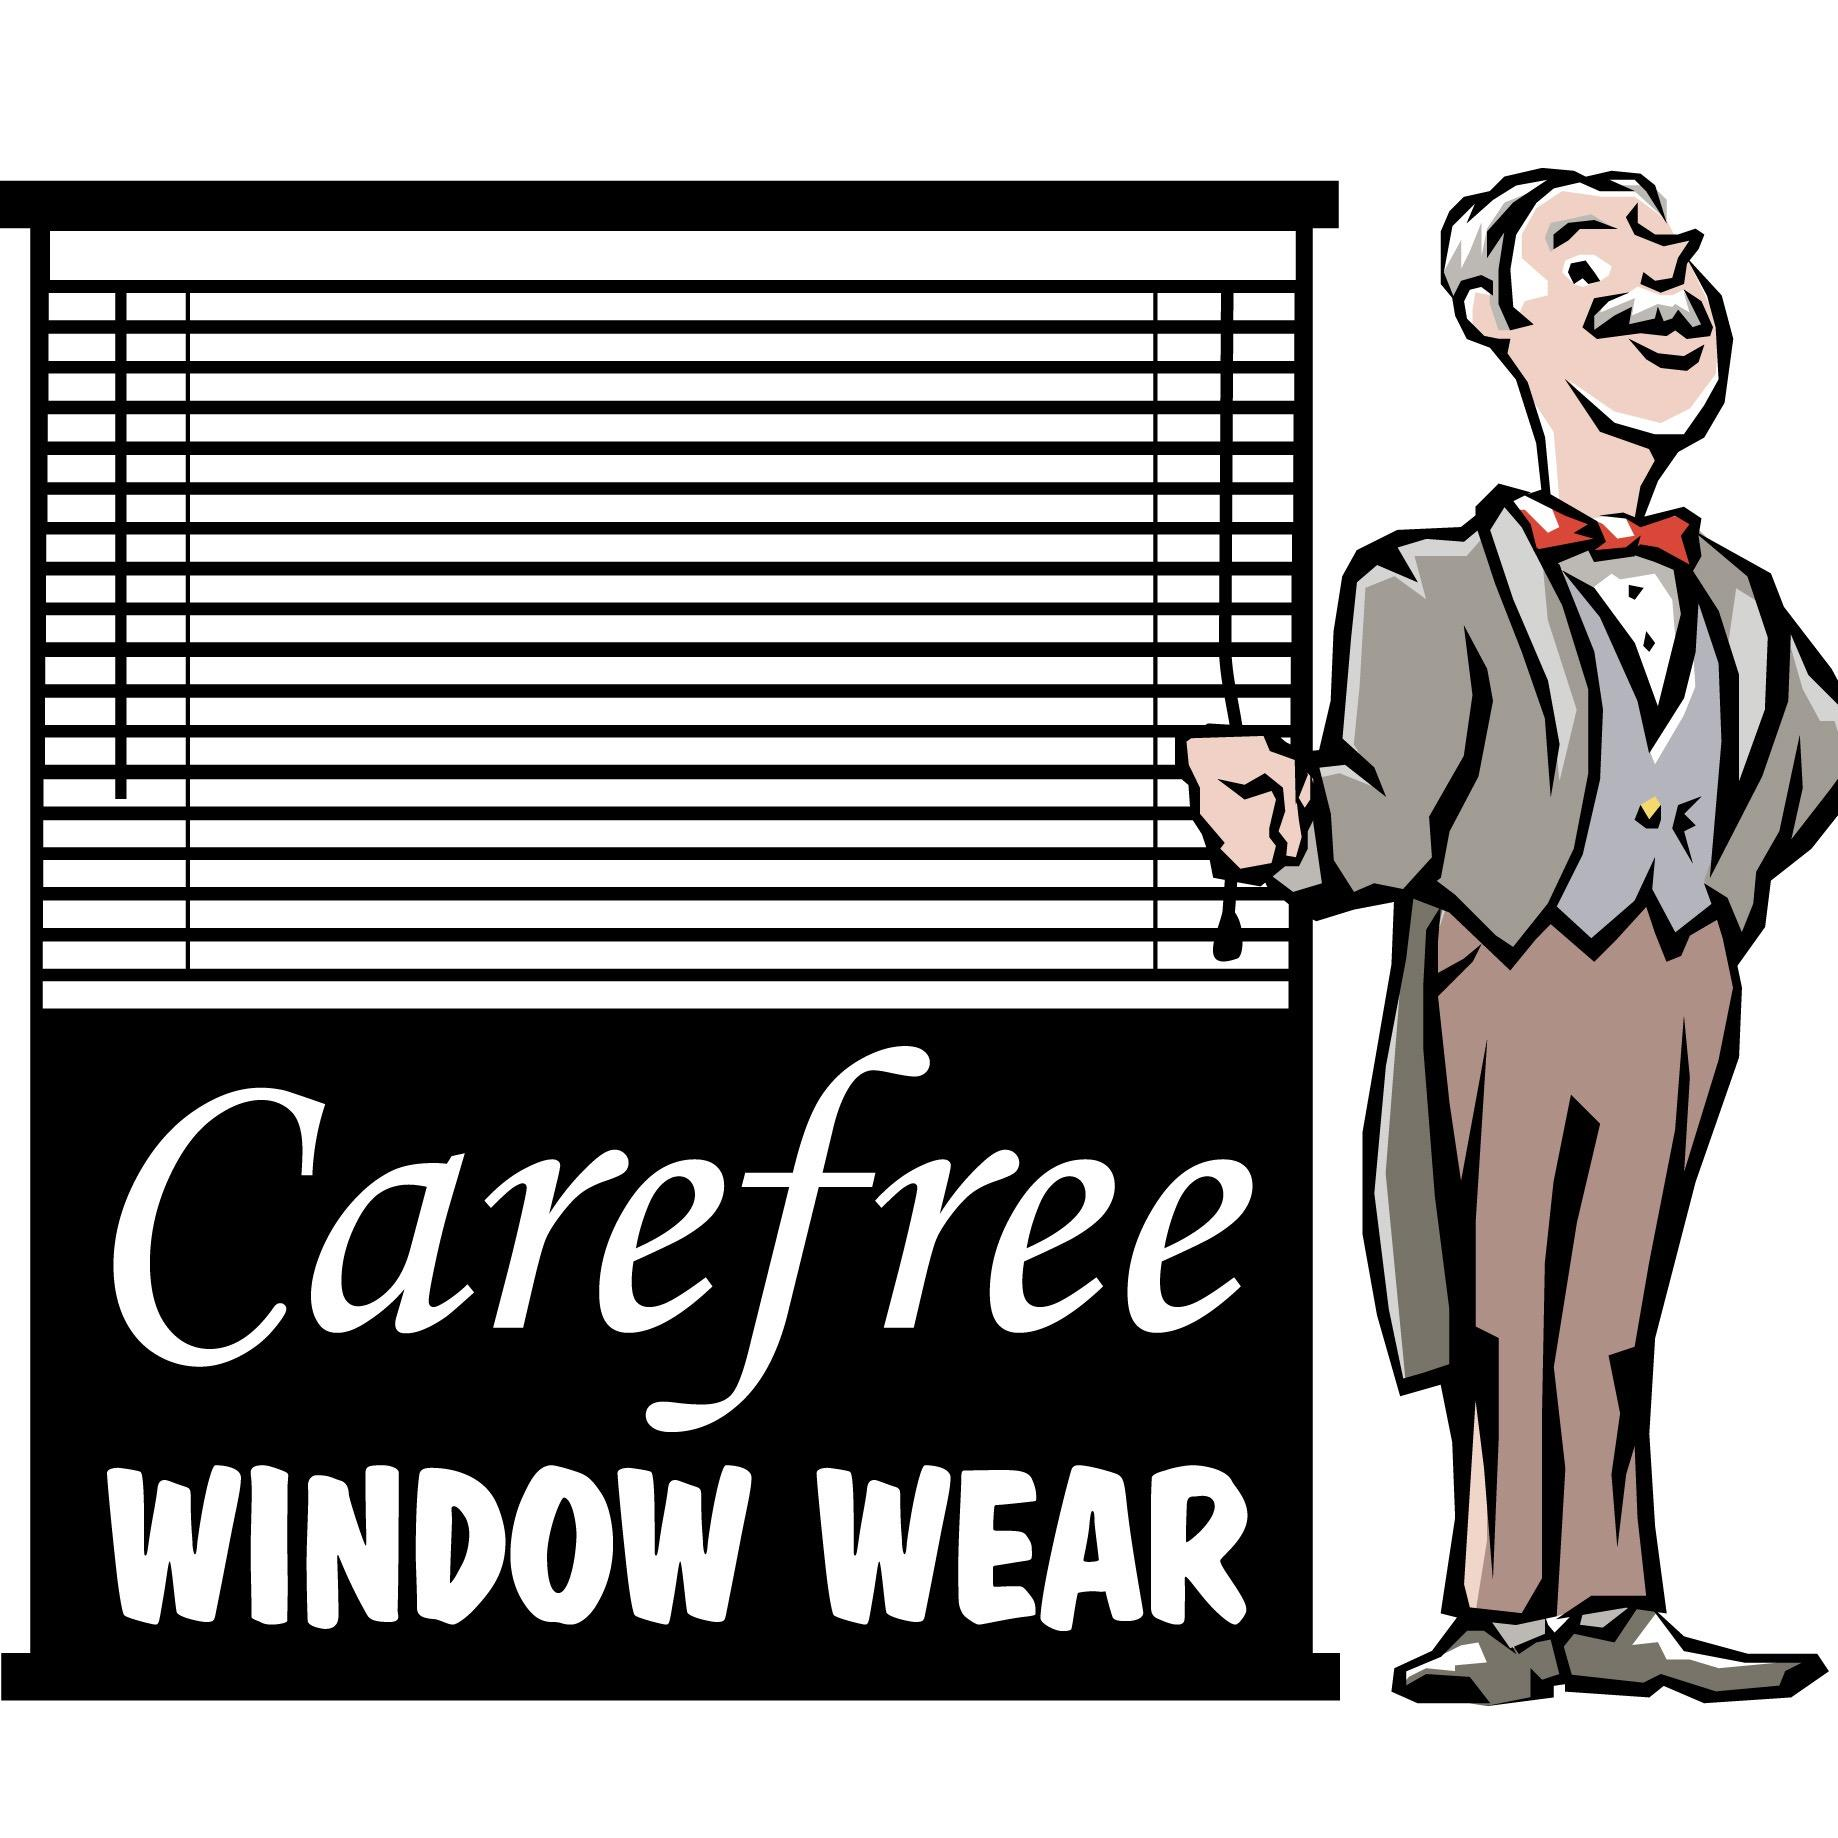 Carefree Window Wear